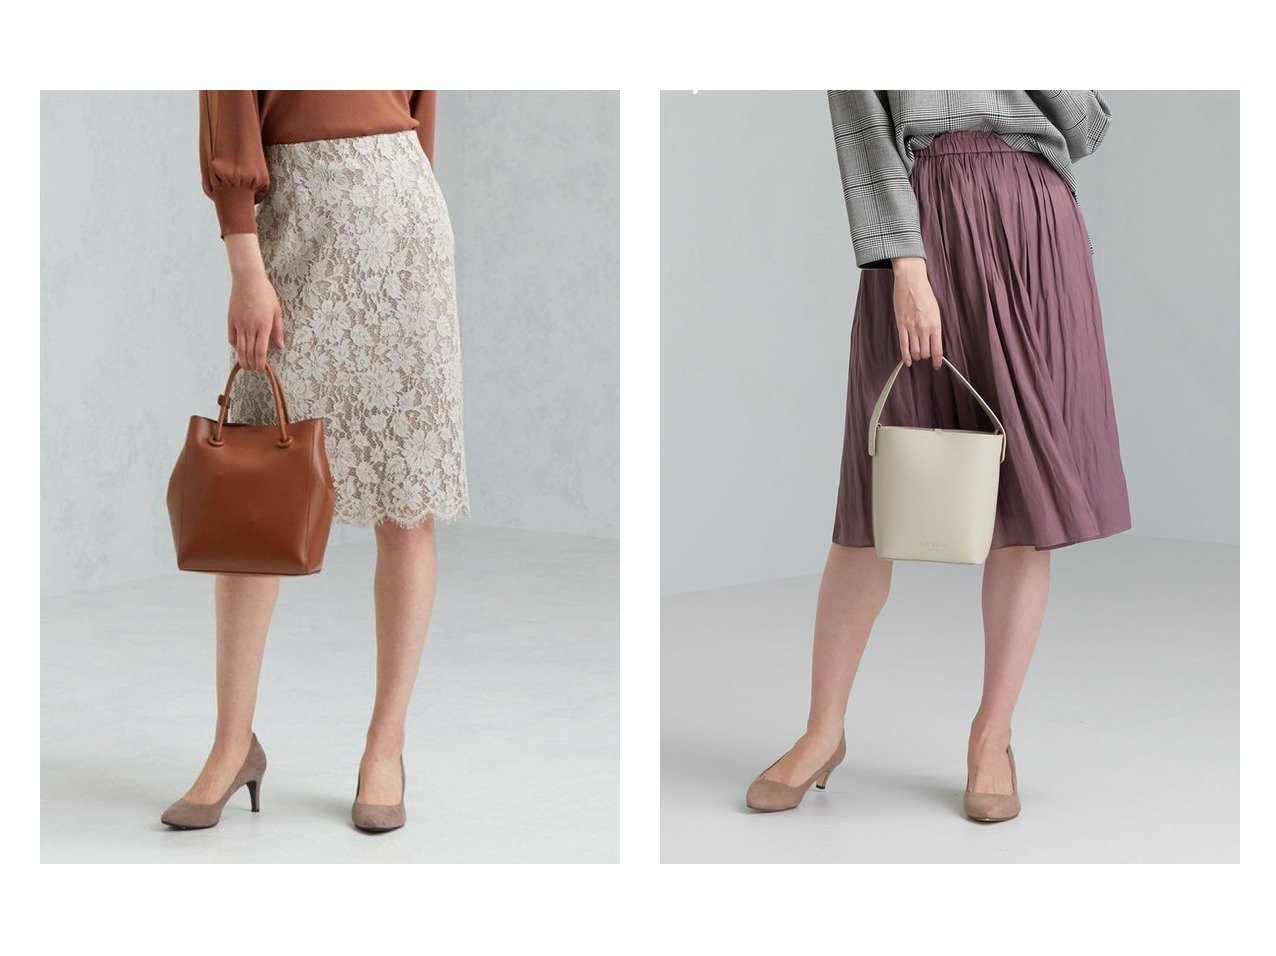 【green label relaxing / UNITED ARROWS/グリーンレーベル リラクシング / ユナイテッドアローズ】のCS レース タイト スカート&CS monable マットサテン ギャザー スカート スカートのおすすめ!人気、トレンド・レディースファッションの通販  おすすめで人気の流行・トレンド、ファッションの通販商品 メンズファッション・キッズファッション・インテリア・家具・レディースファッション・服の通販 founy(ファニー) https://founy.com/ ファッション Fashion レディースファッション WOMEN スカート Skirt Aライン/フレアスカート Flared A-Line Skirts 秋 タイトスカート フラワー レース 冬 Winter NEW・新作・新着・新入荷 New Arrivals ギャザー サテン フレア A/W 秋冬 AW Autumn/Winter / FW Fall-Winter |ID:crp329100000009698